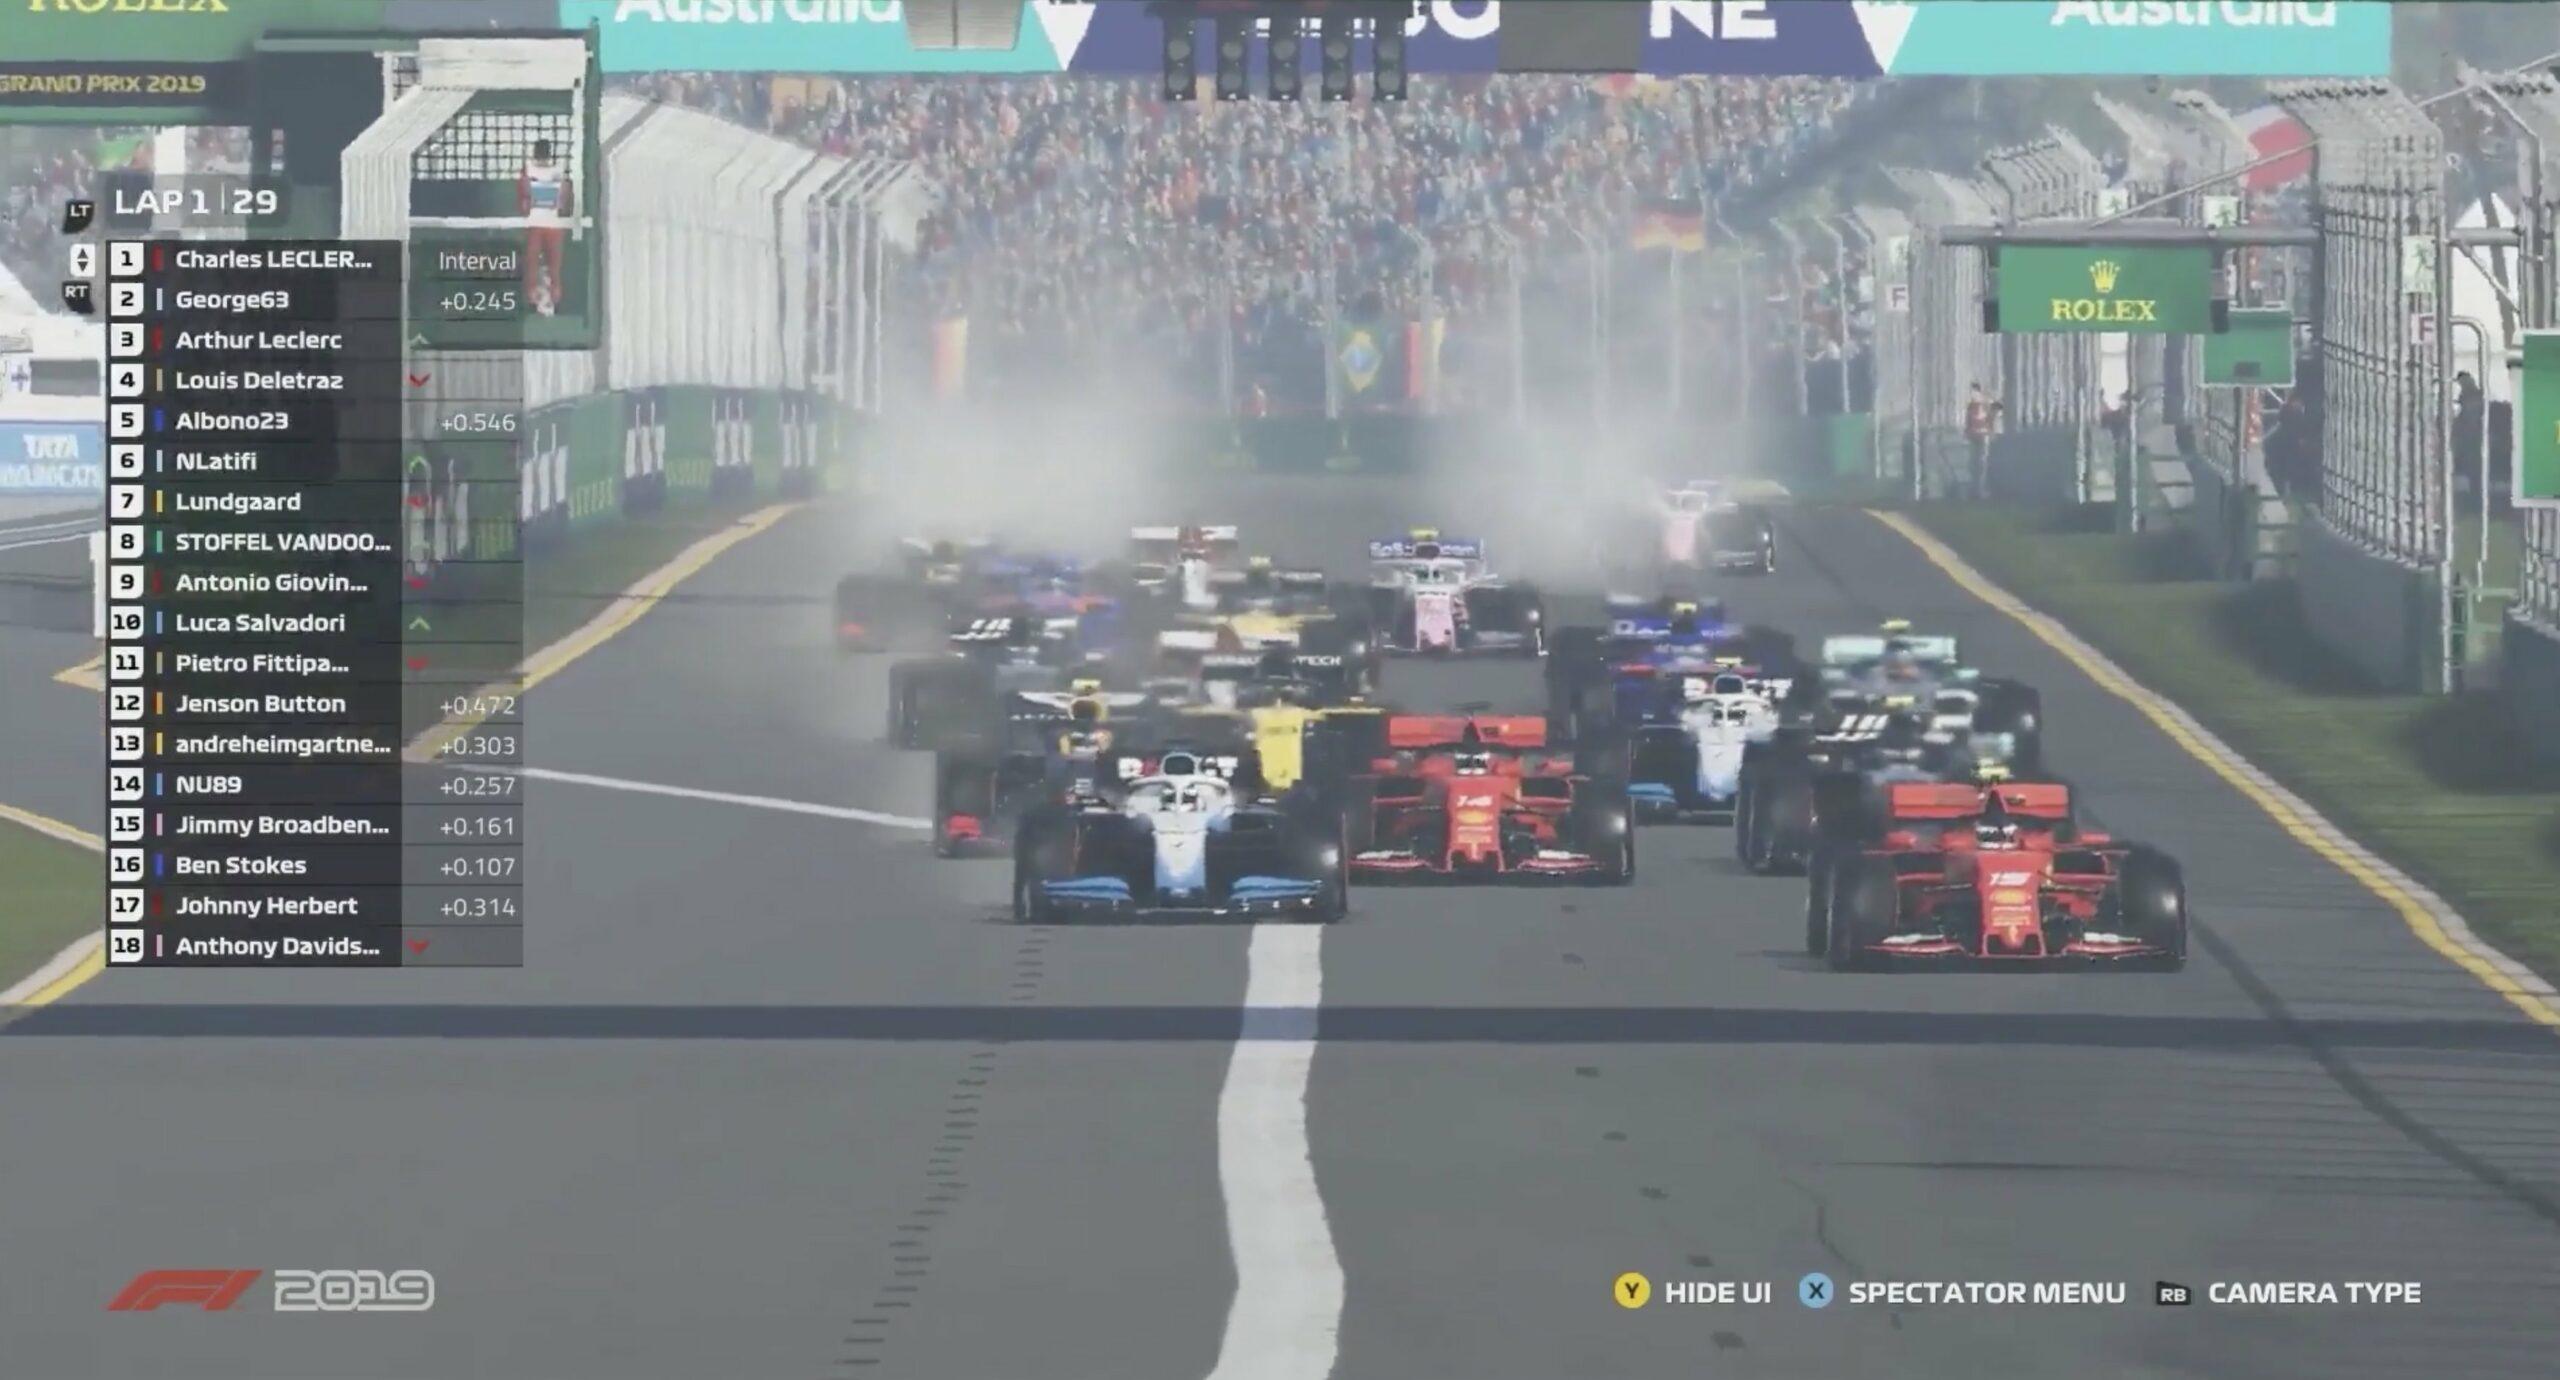 Ecco perché la F1 virtuale è meglio di quella vera